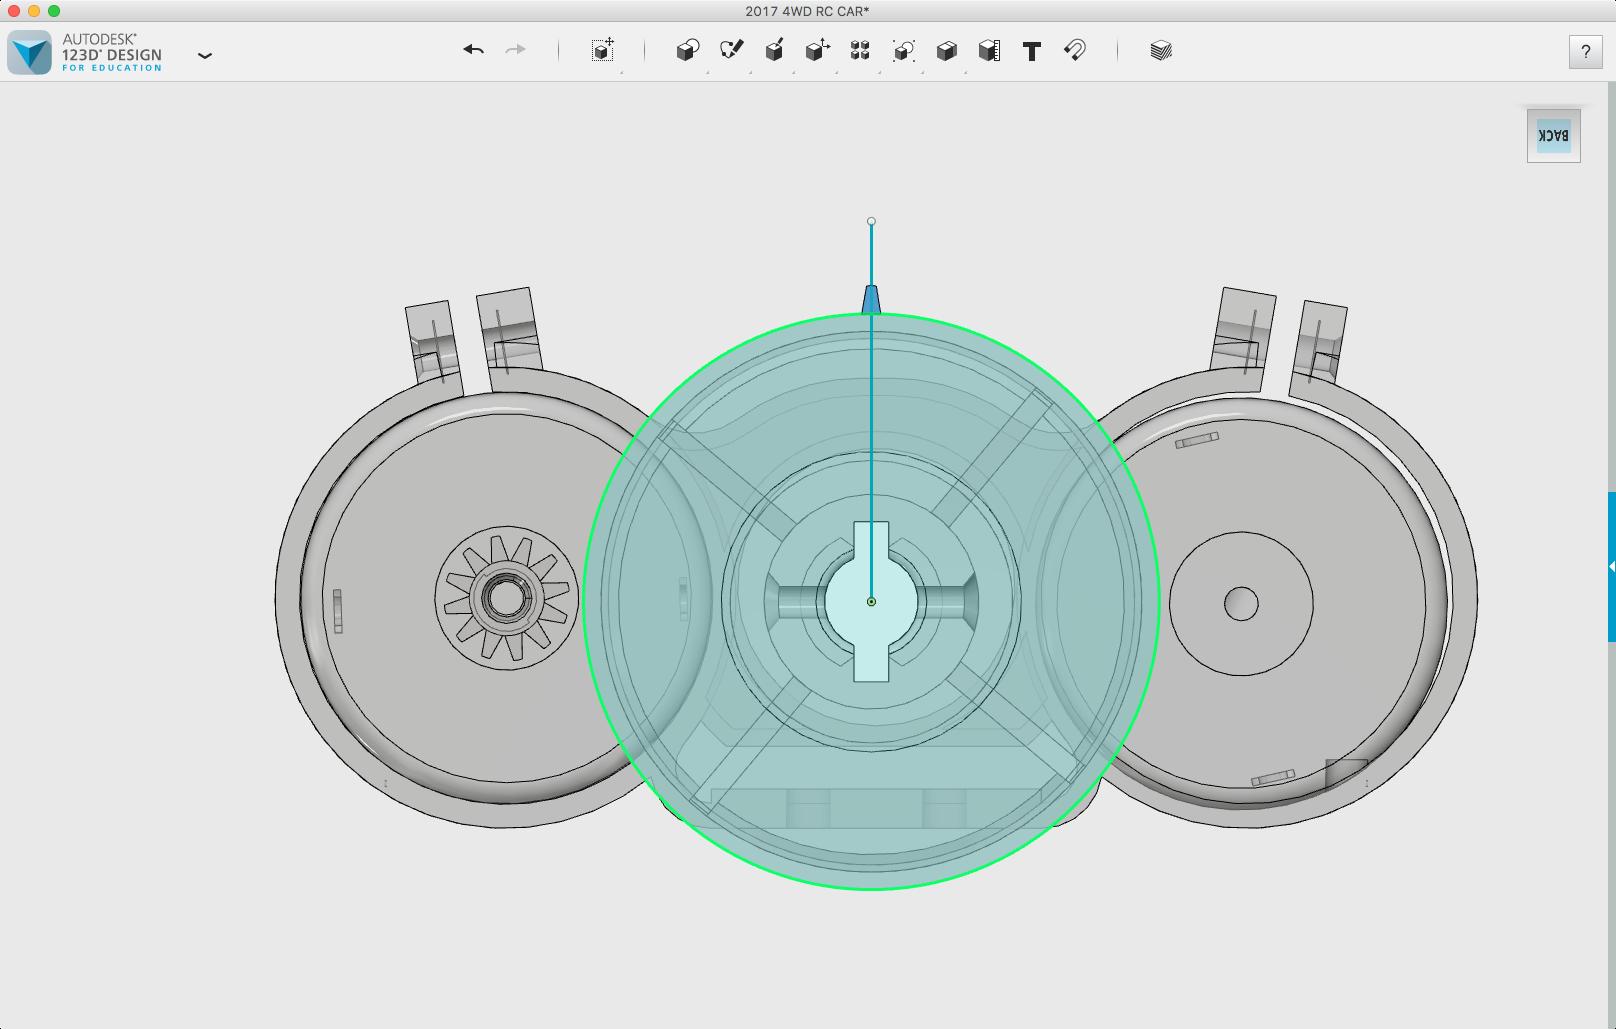 3D프린터와 아두이노로 만드는 4WS RC CAR #1